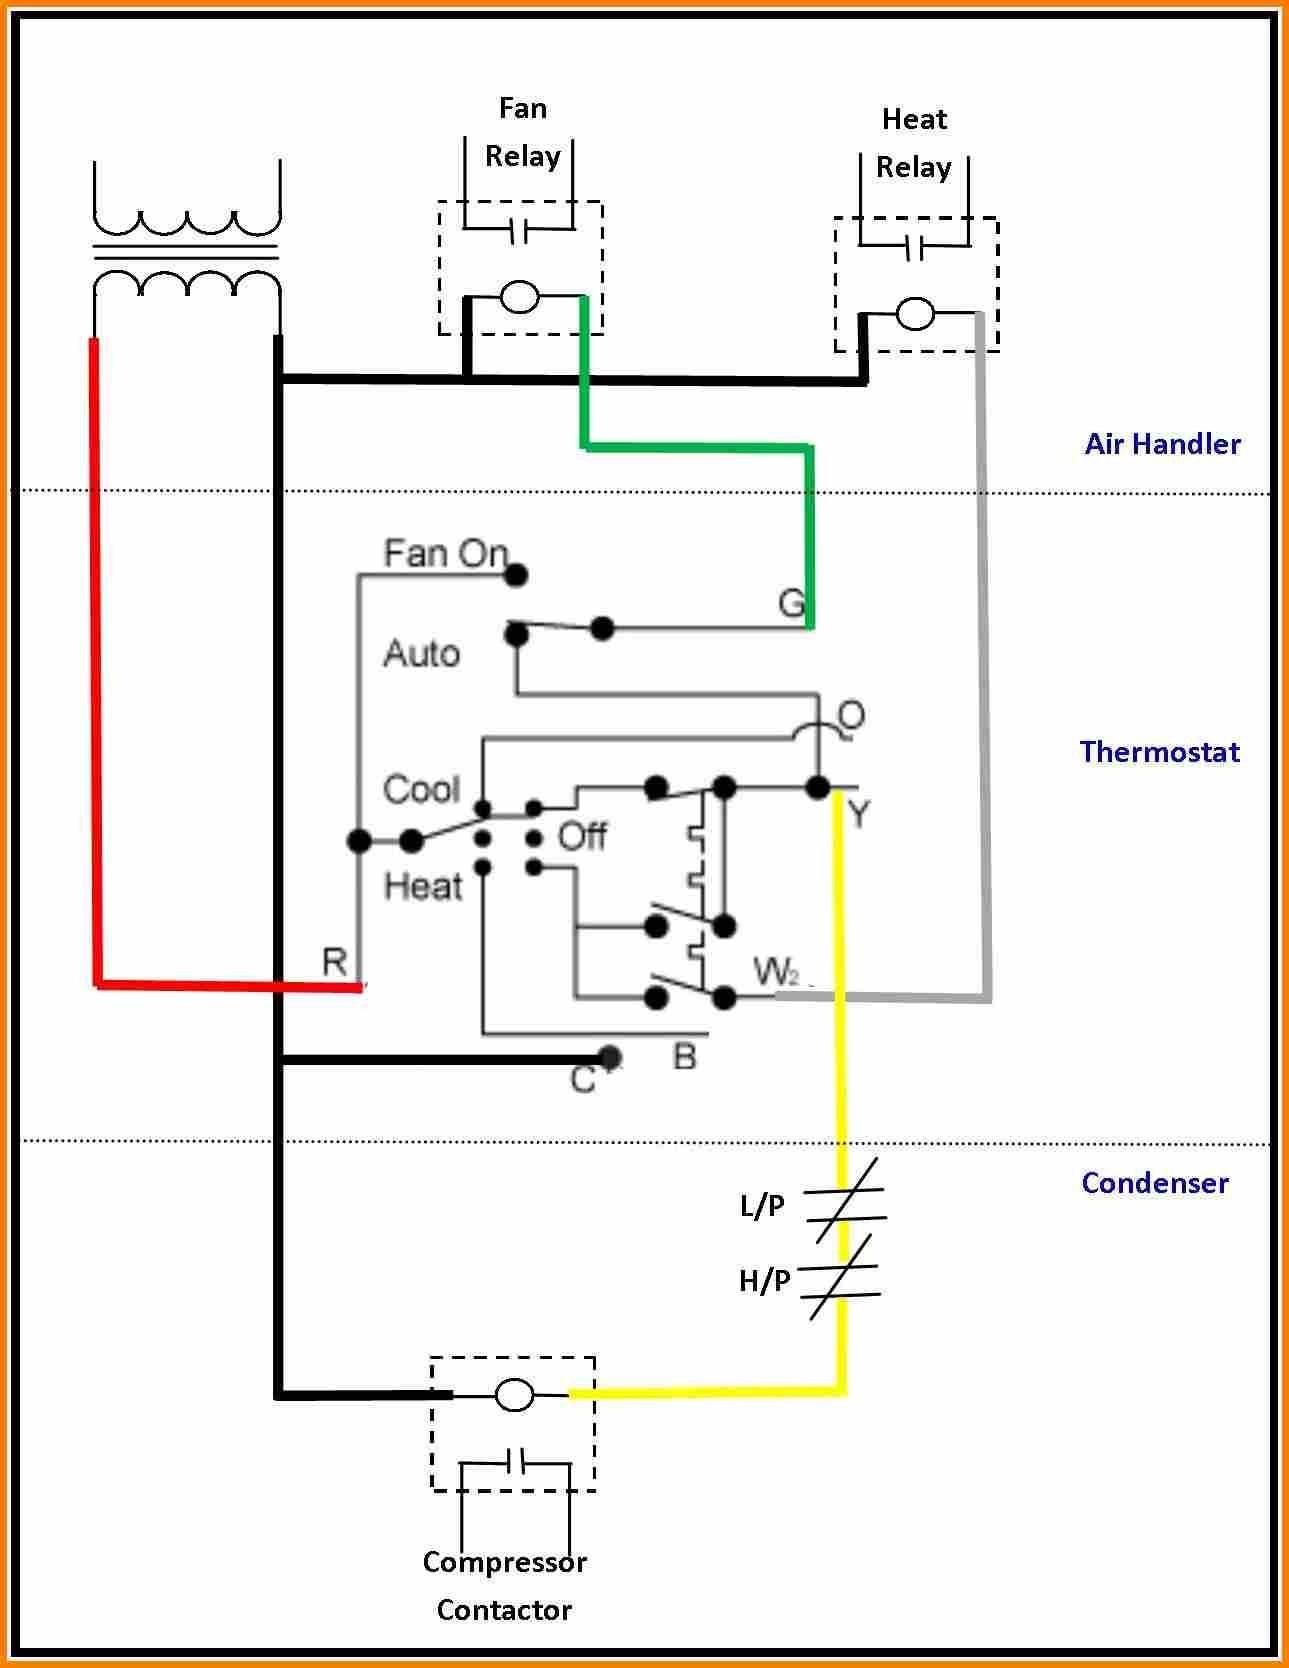 hvac fan relay wiring diagram my wiring diagram rh detoxicrecenze com Typical HVAC Wiring-Diagram Trane HVAC System Wiring Diagram